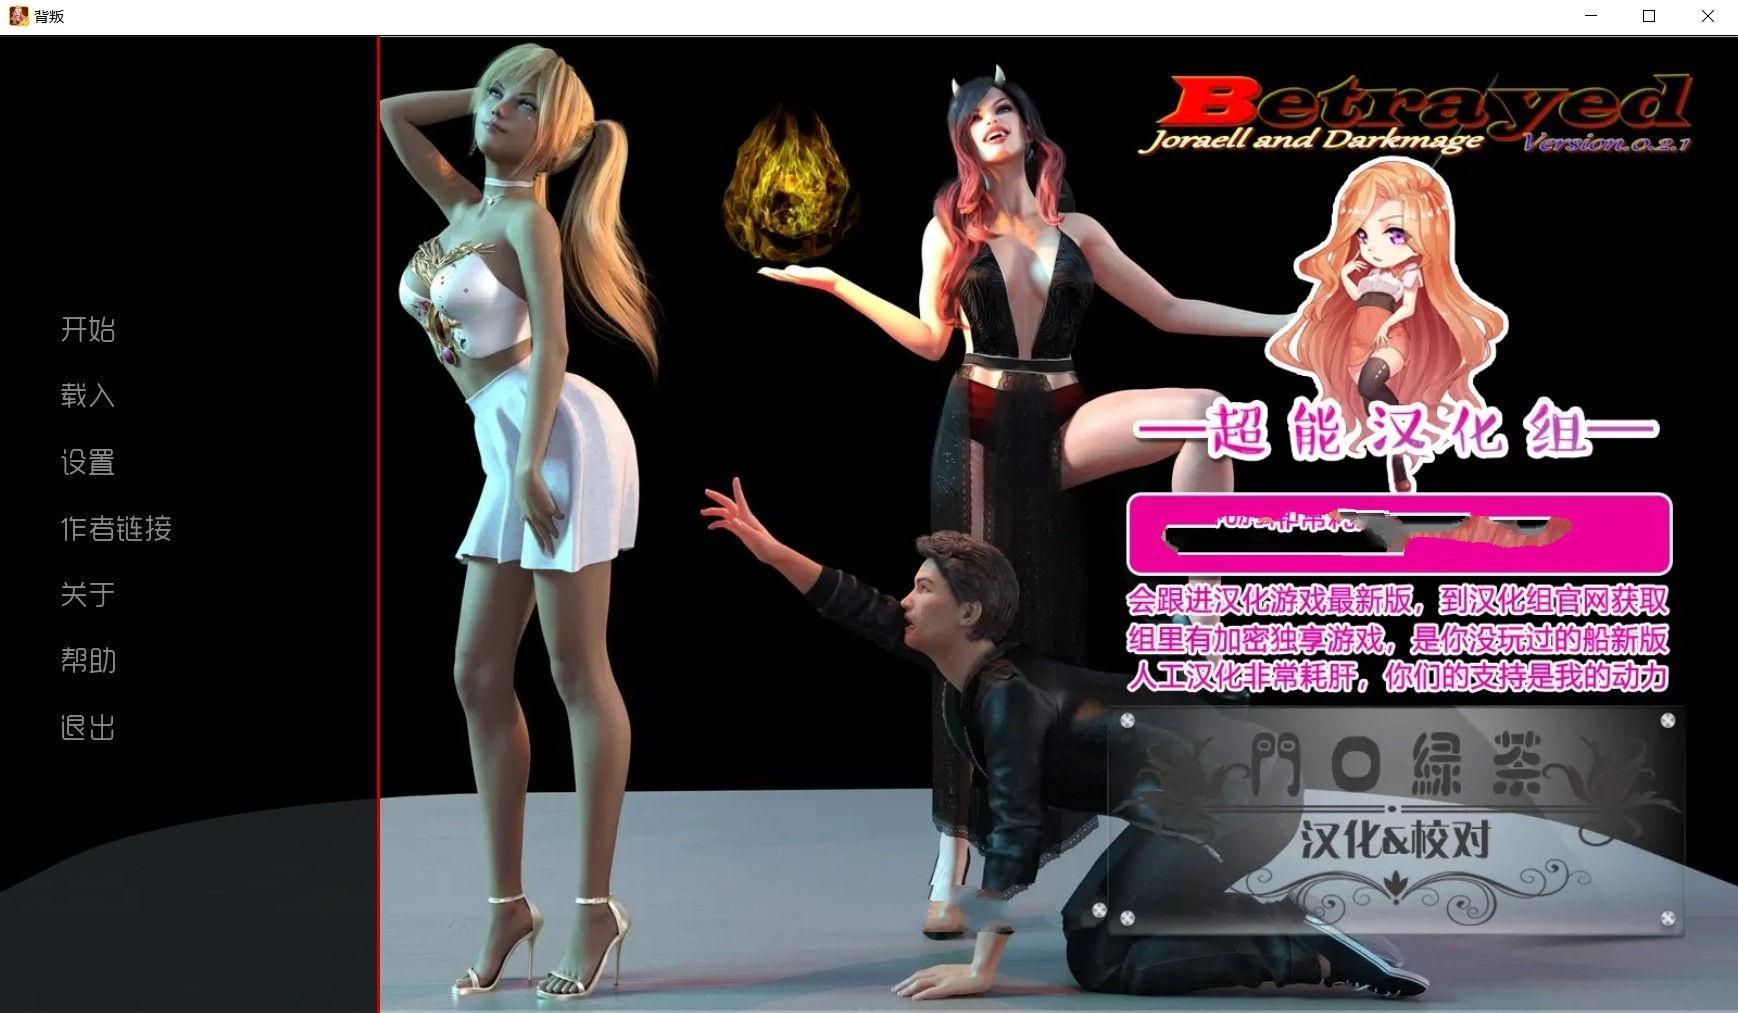 【欧美SLG/汉化/动态CG】背叛-Betrayed Ver0.80 精翻汉化版+全CG【更新/PC+安卓/6G】